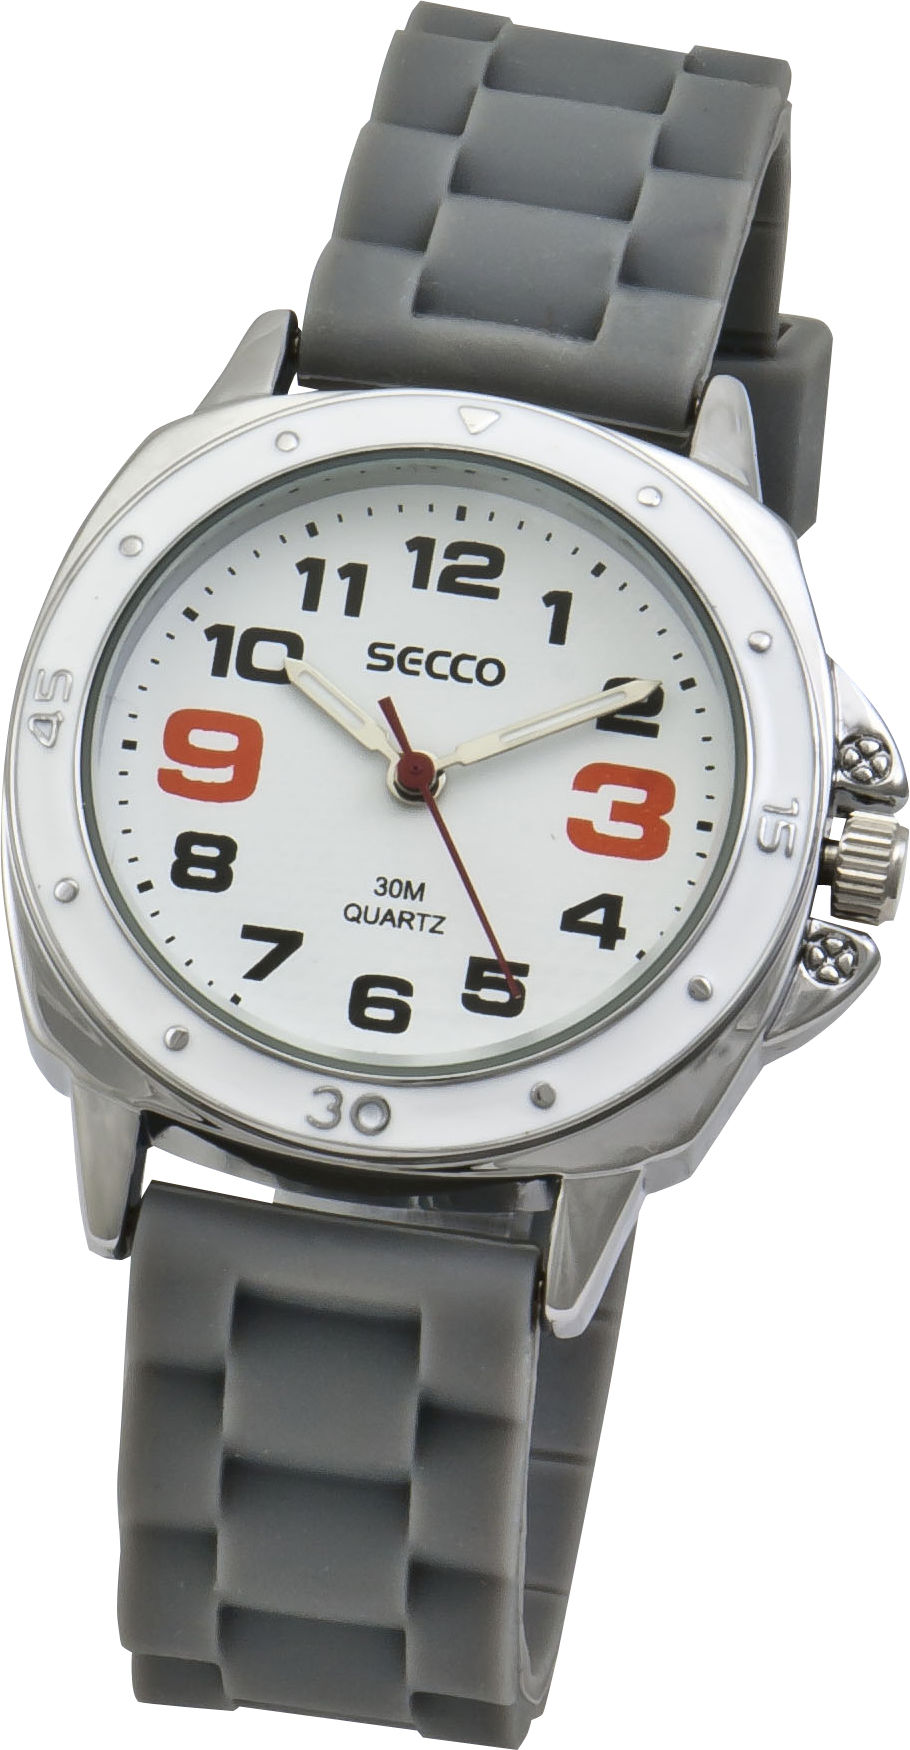 Detske hodinky secco - Cochces.cz 5e96098371b